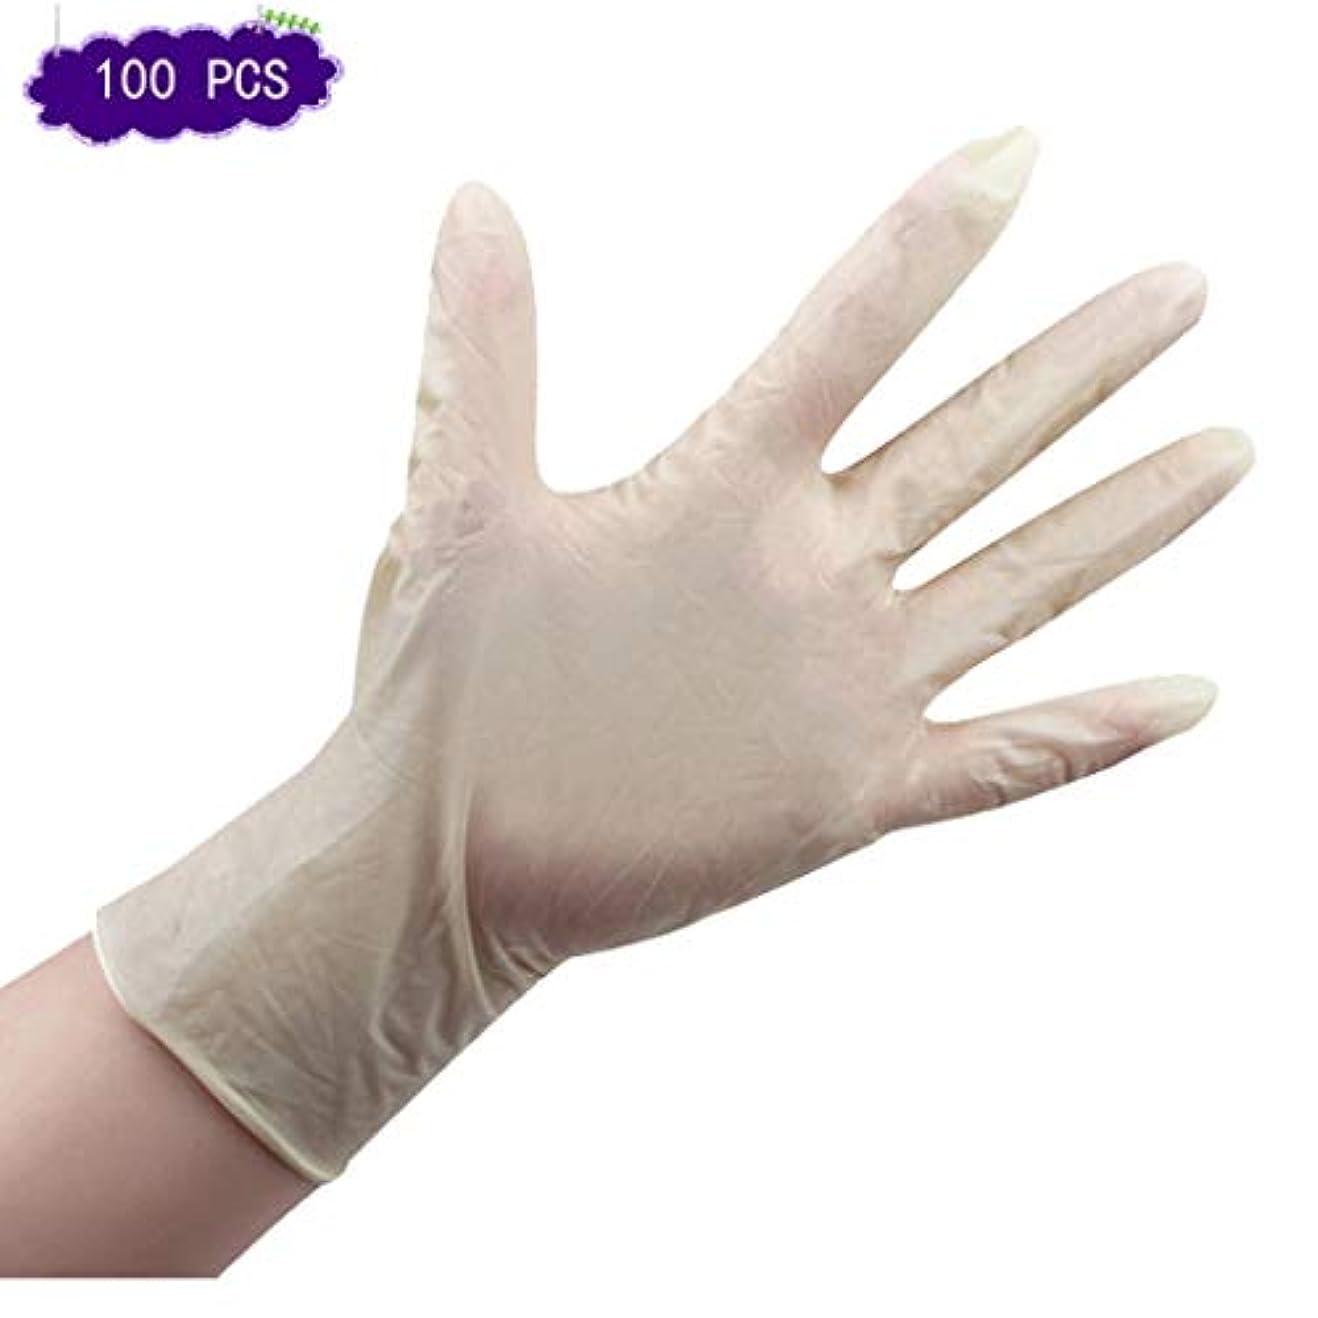 リール静かなプロトタイプ9インチにアンチ油を医療ラテックス検査を厚く使い捨てラテックス手袋パウダーフリーのラテックス手袋9インチのアバタ (Color : 9 inch, Size : L)